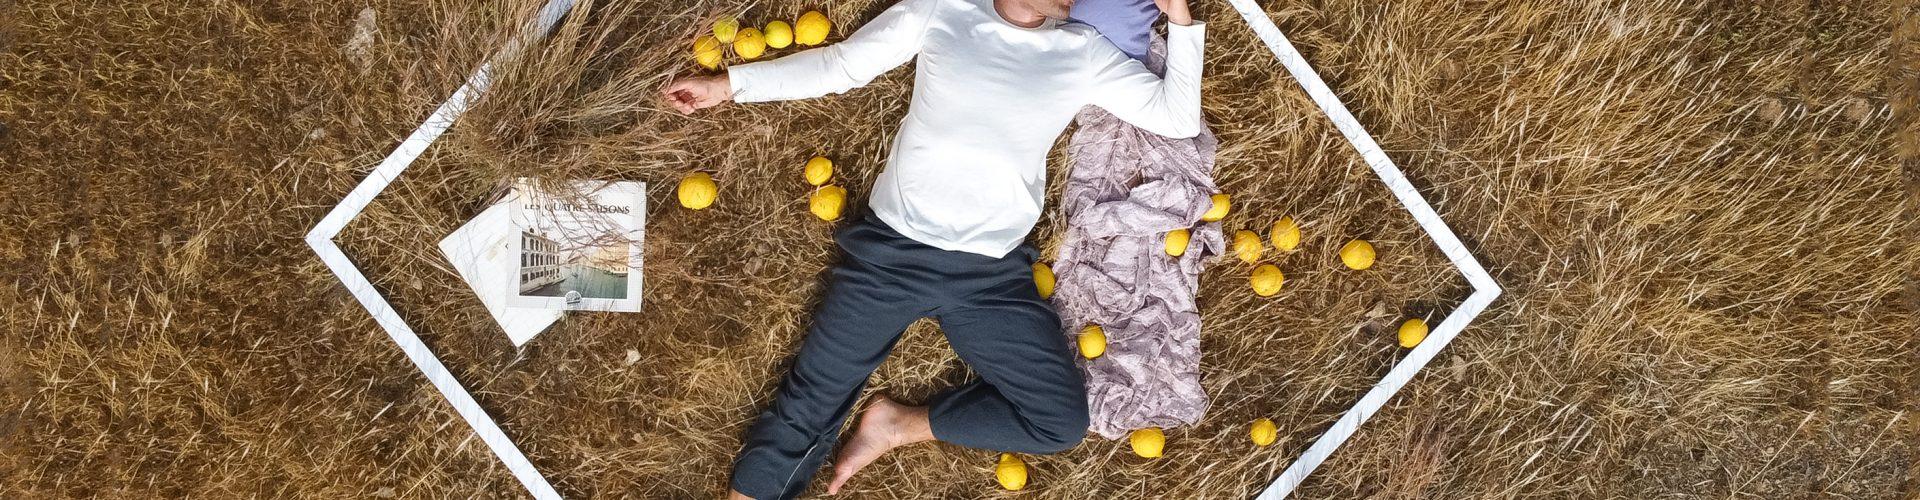 Οι πρωταγωνιστές του Lemon στη Σαλαμίνα σ' ένα δρώμενο έκπληξη!